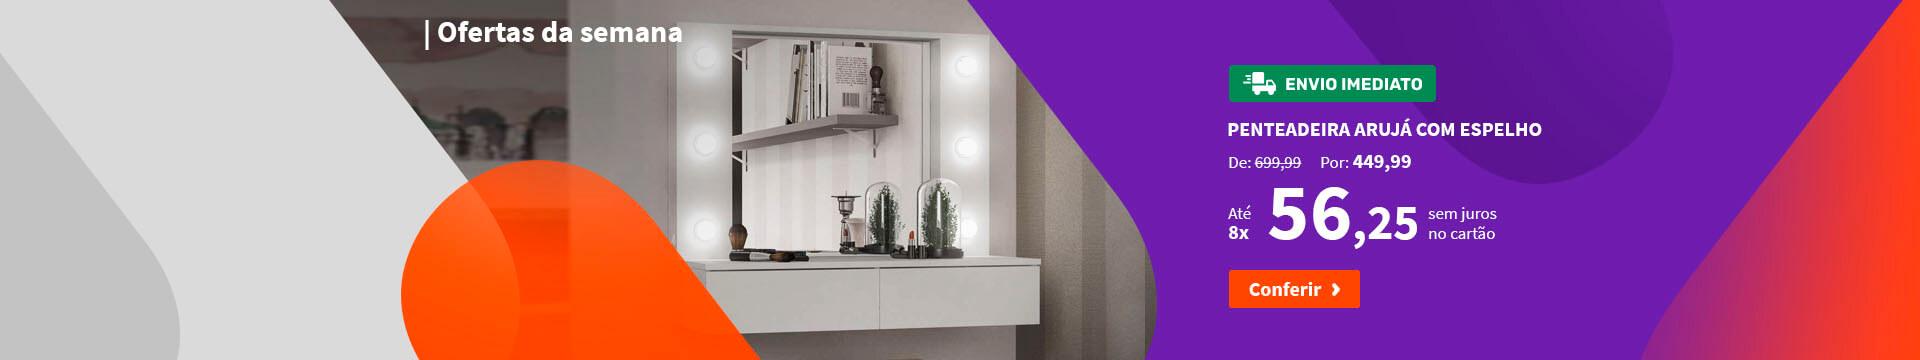 Penteadeira Arujá com Espelho Branco - Ofertas especiais